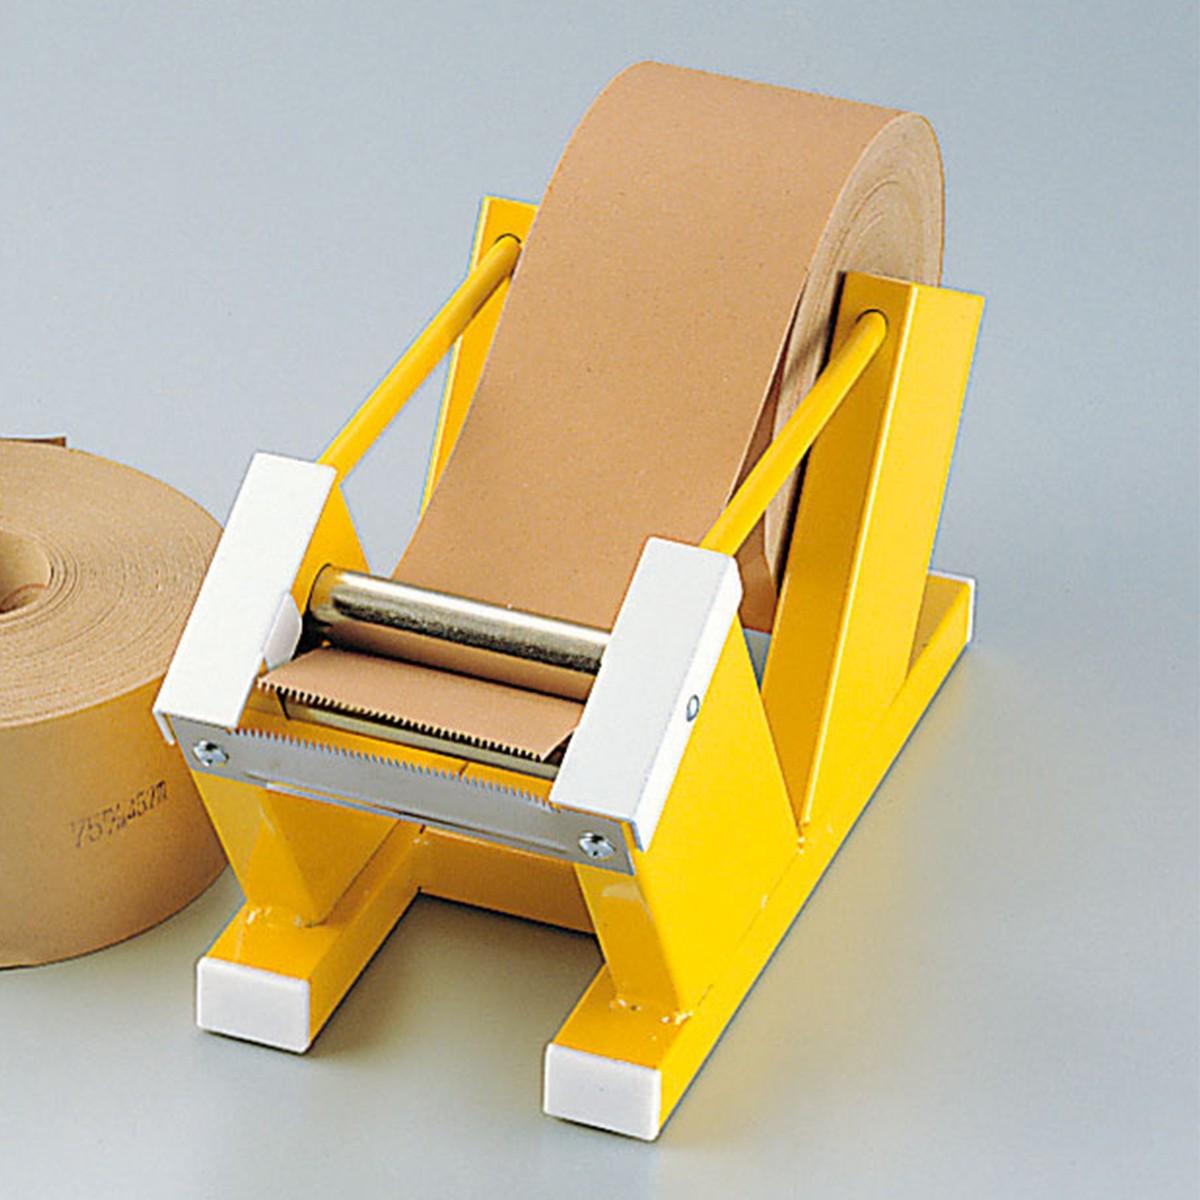 サンディングロール ホルダー 【 木工 木彫 木工具 紙やすり ロール紙やすり 】